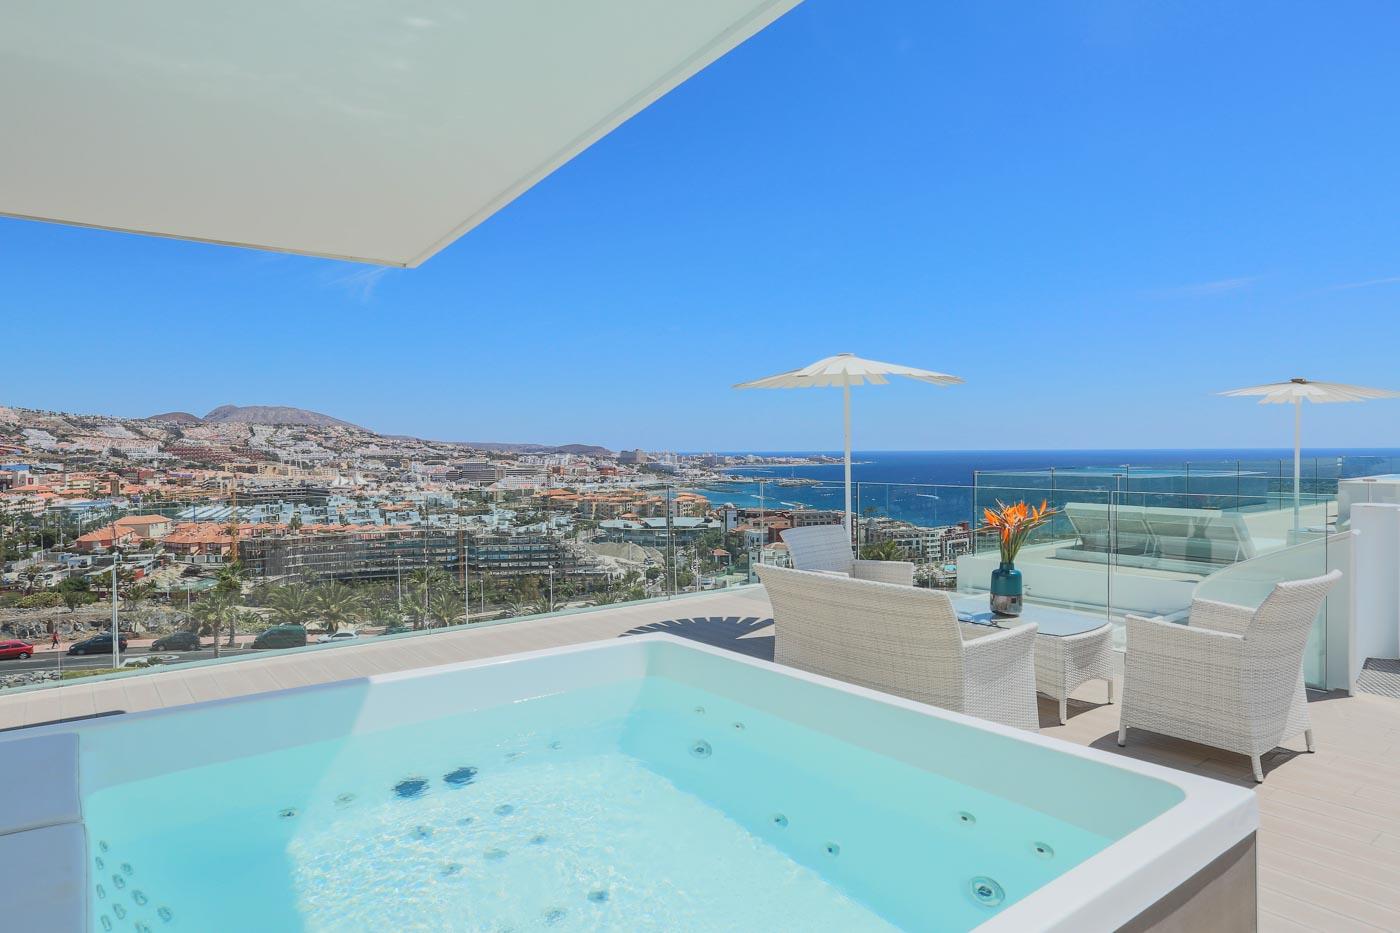 Jacuzzi con vistas al mar en hotel de lujo en Tenerife sur